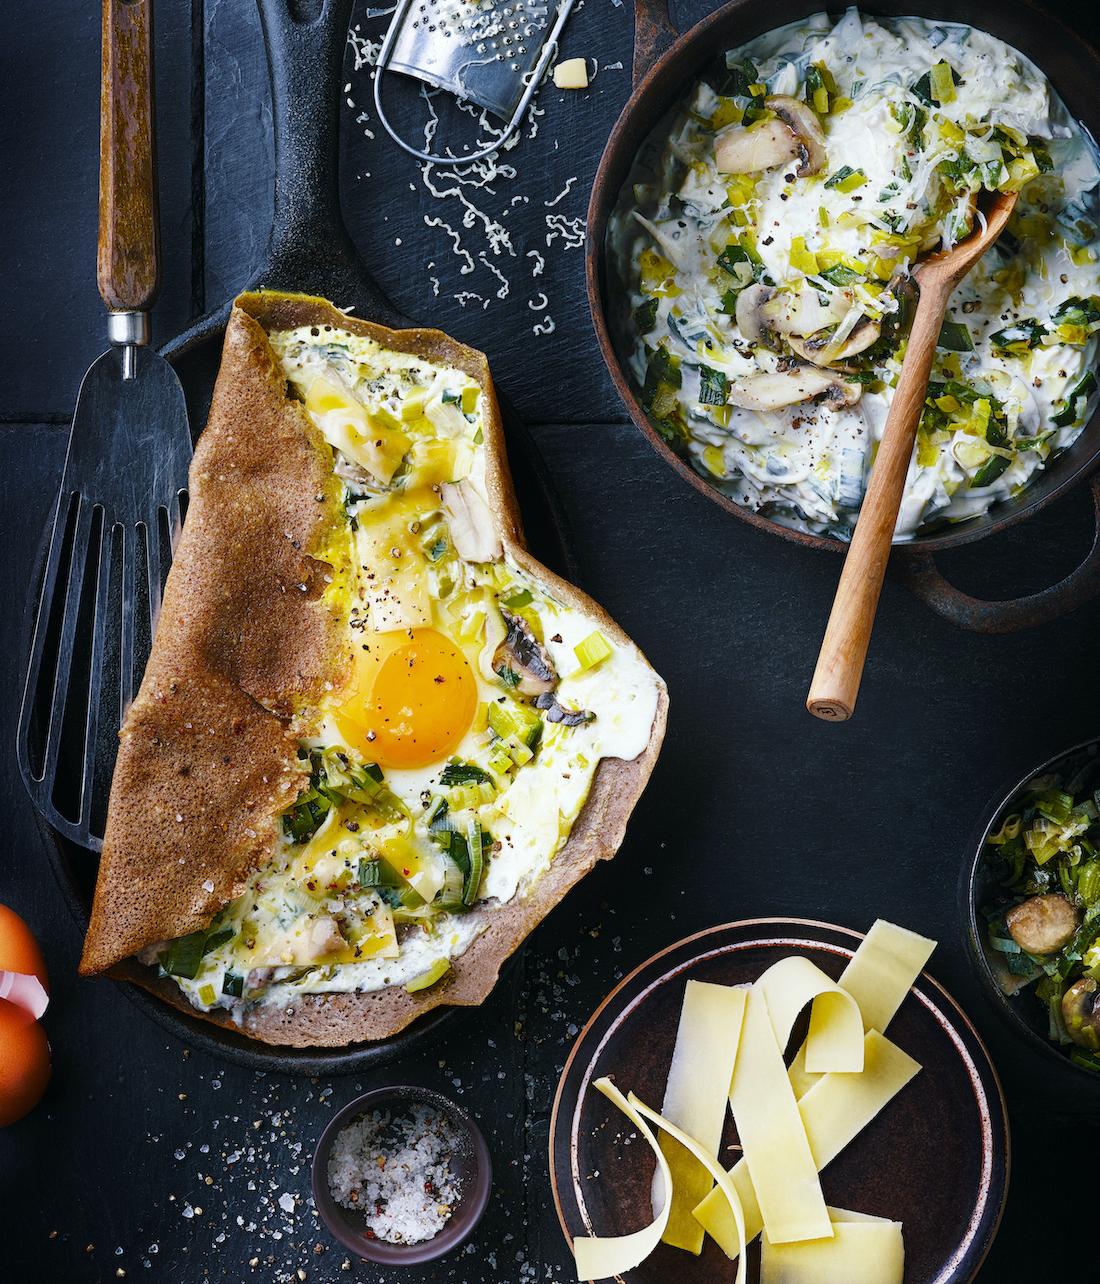 Galettes Bretonnes à la fondue de poireaux et au fromage